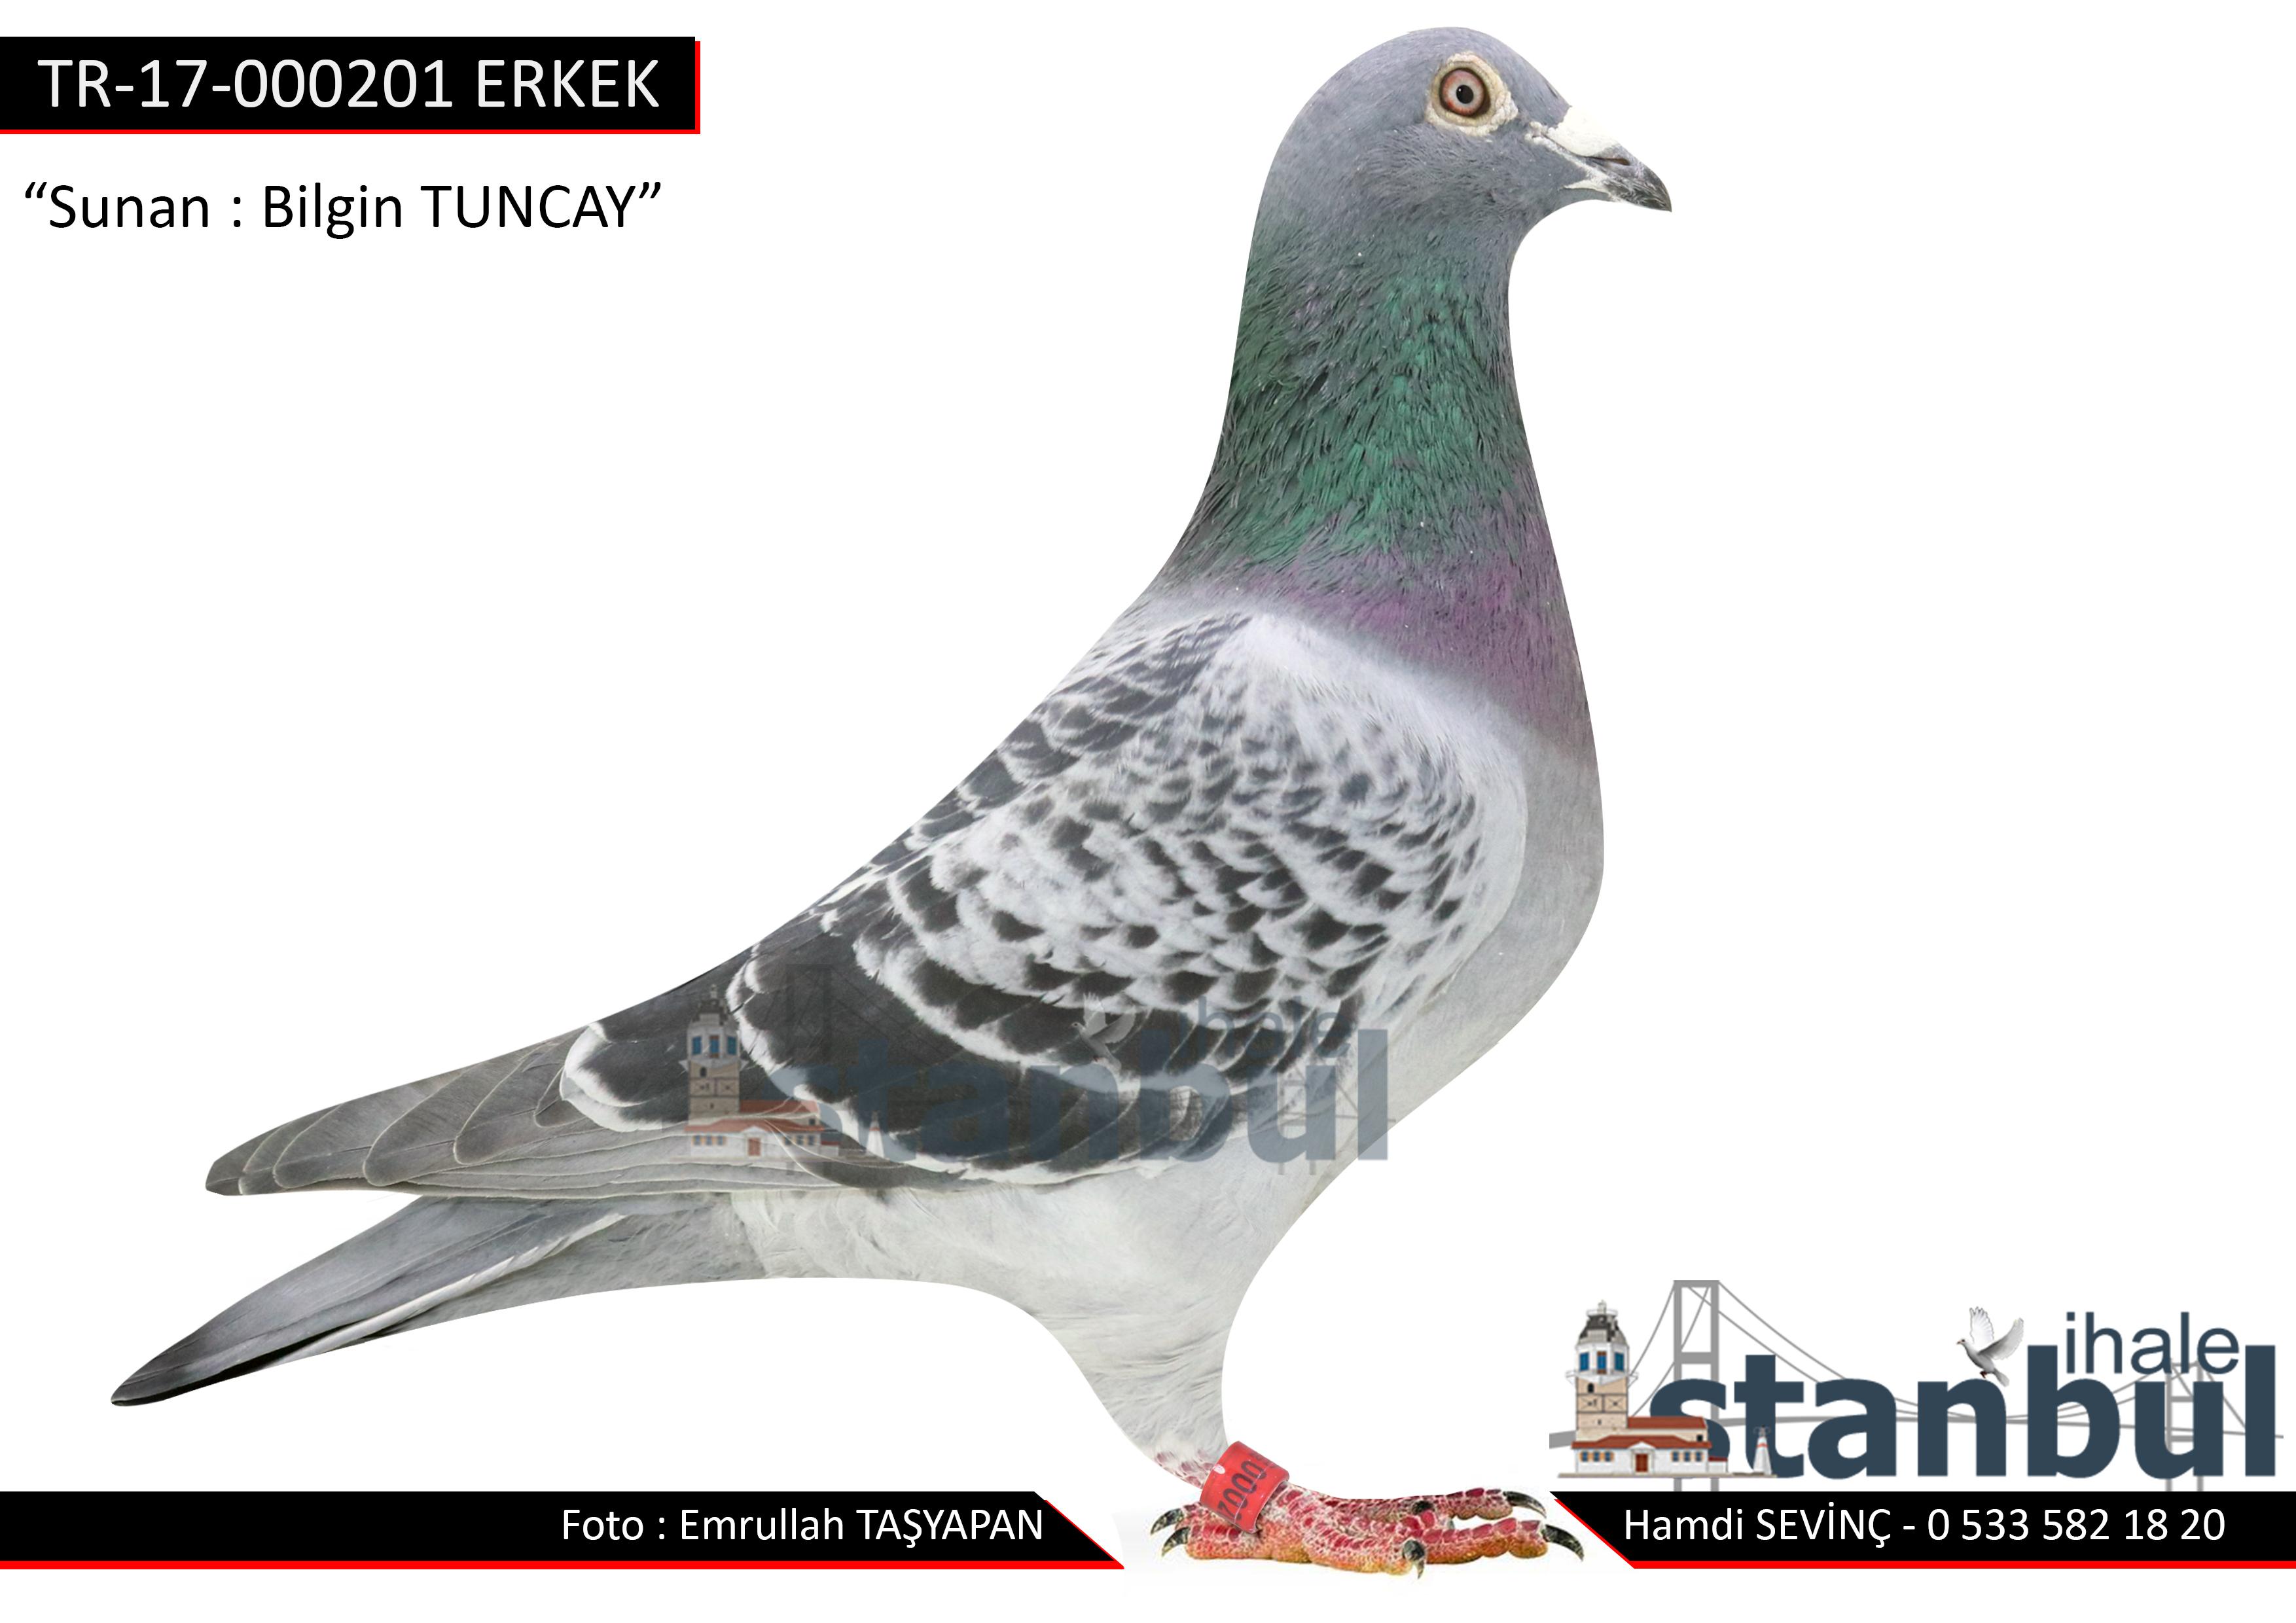 TR-17-000201 ERKEK